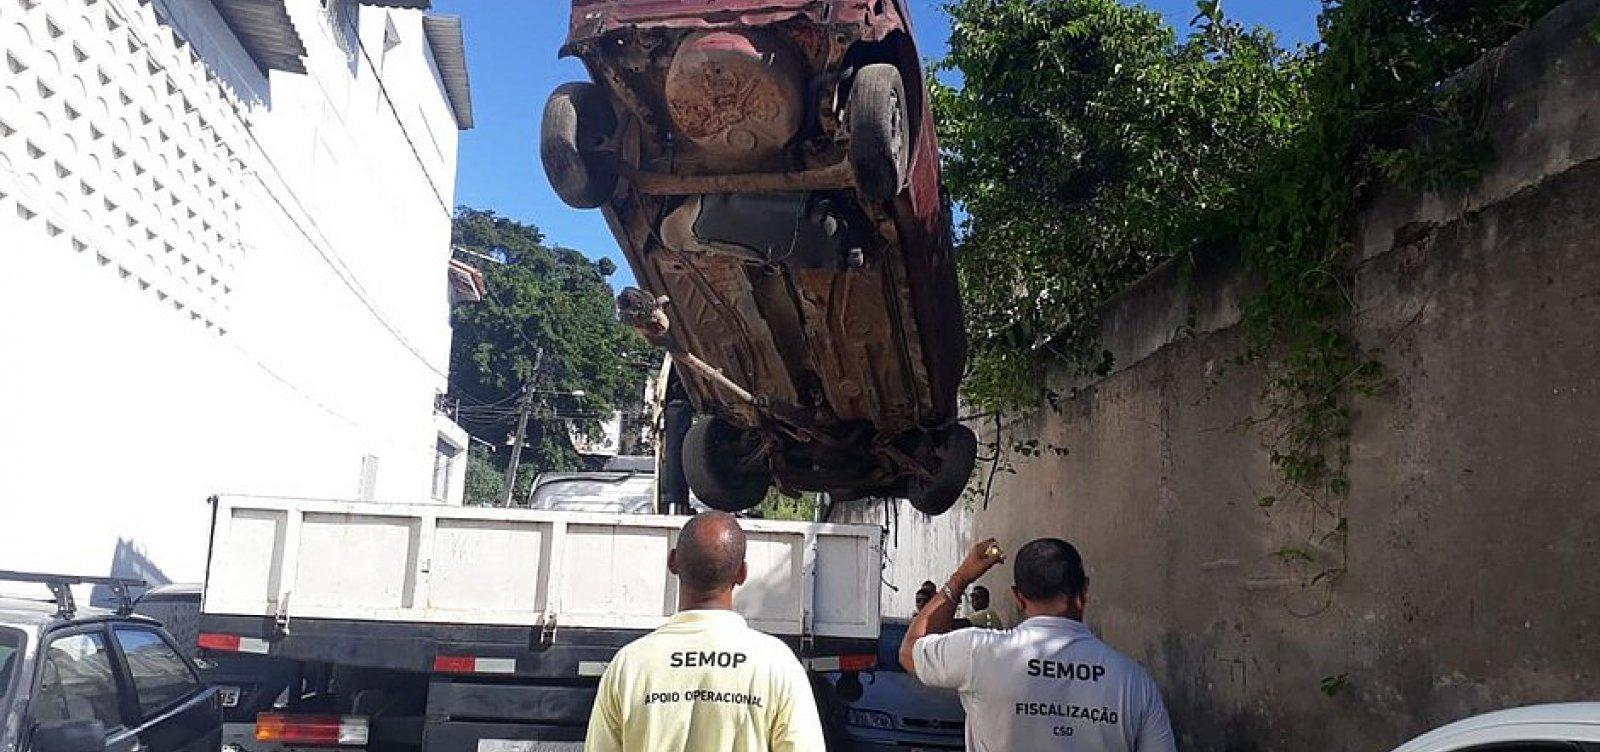 [Operação Sucata retira 35 veículos abandonados em bairros de Salvador]